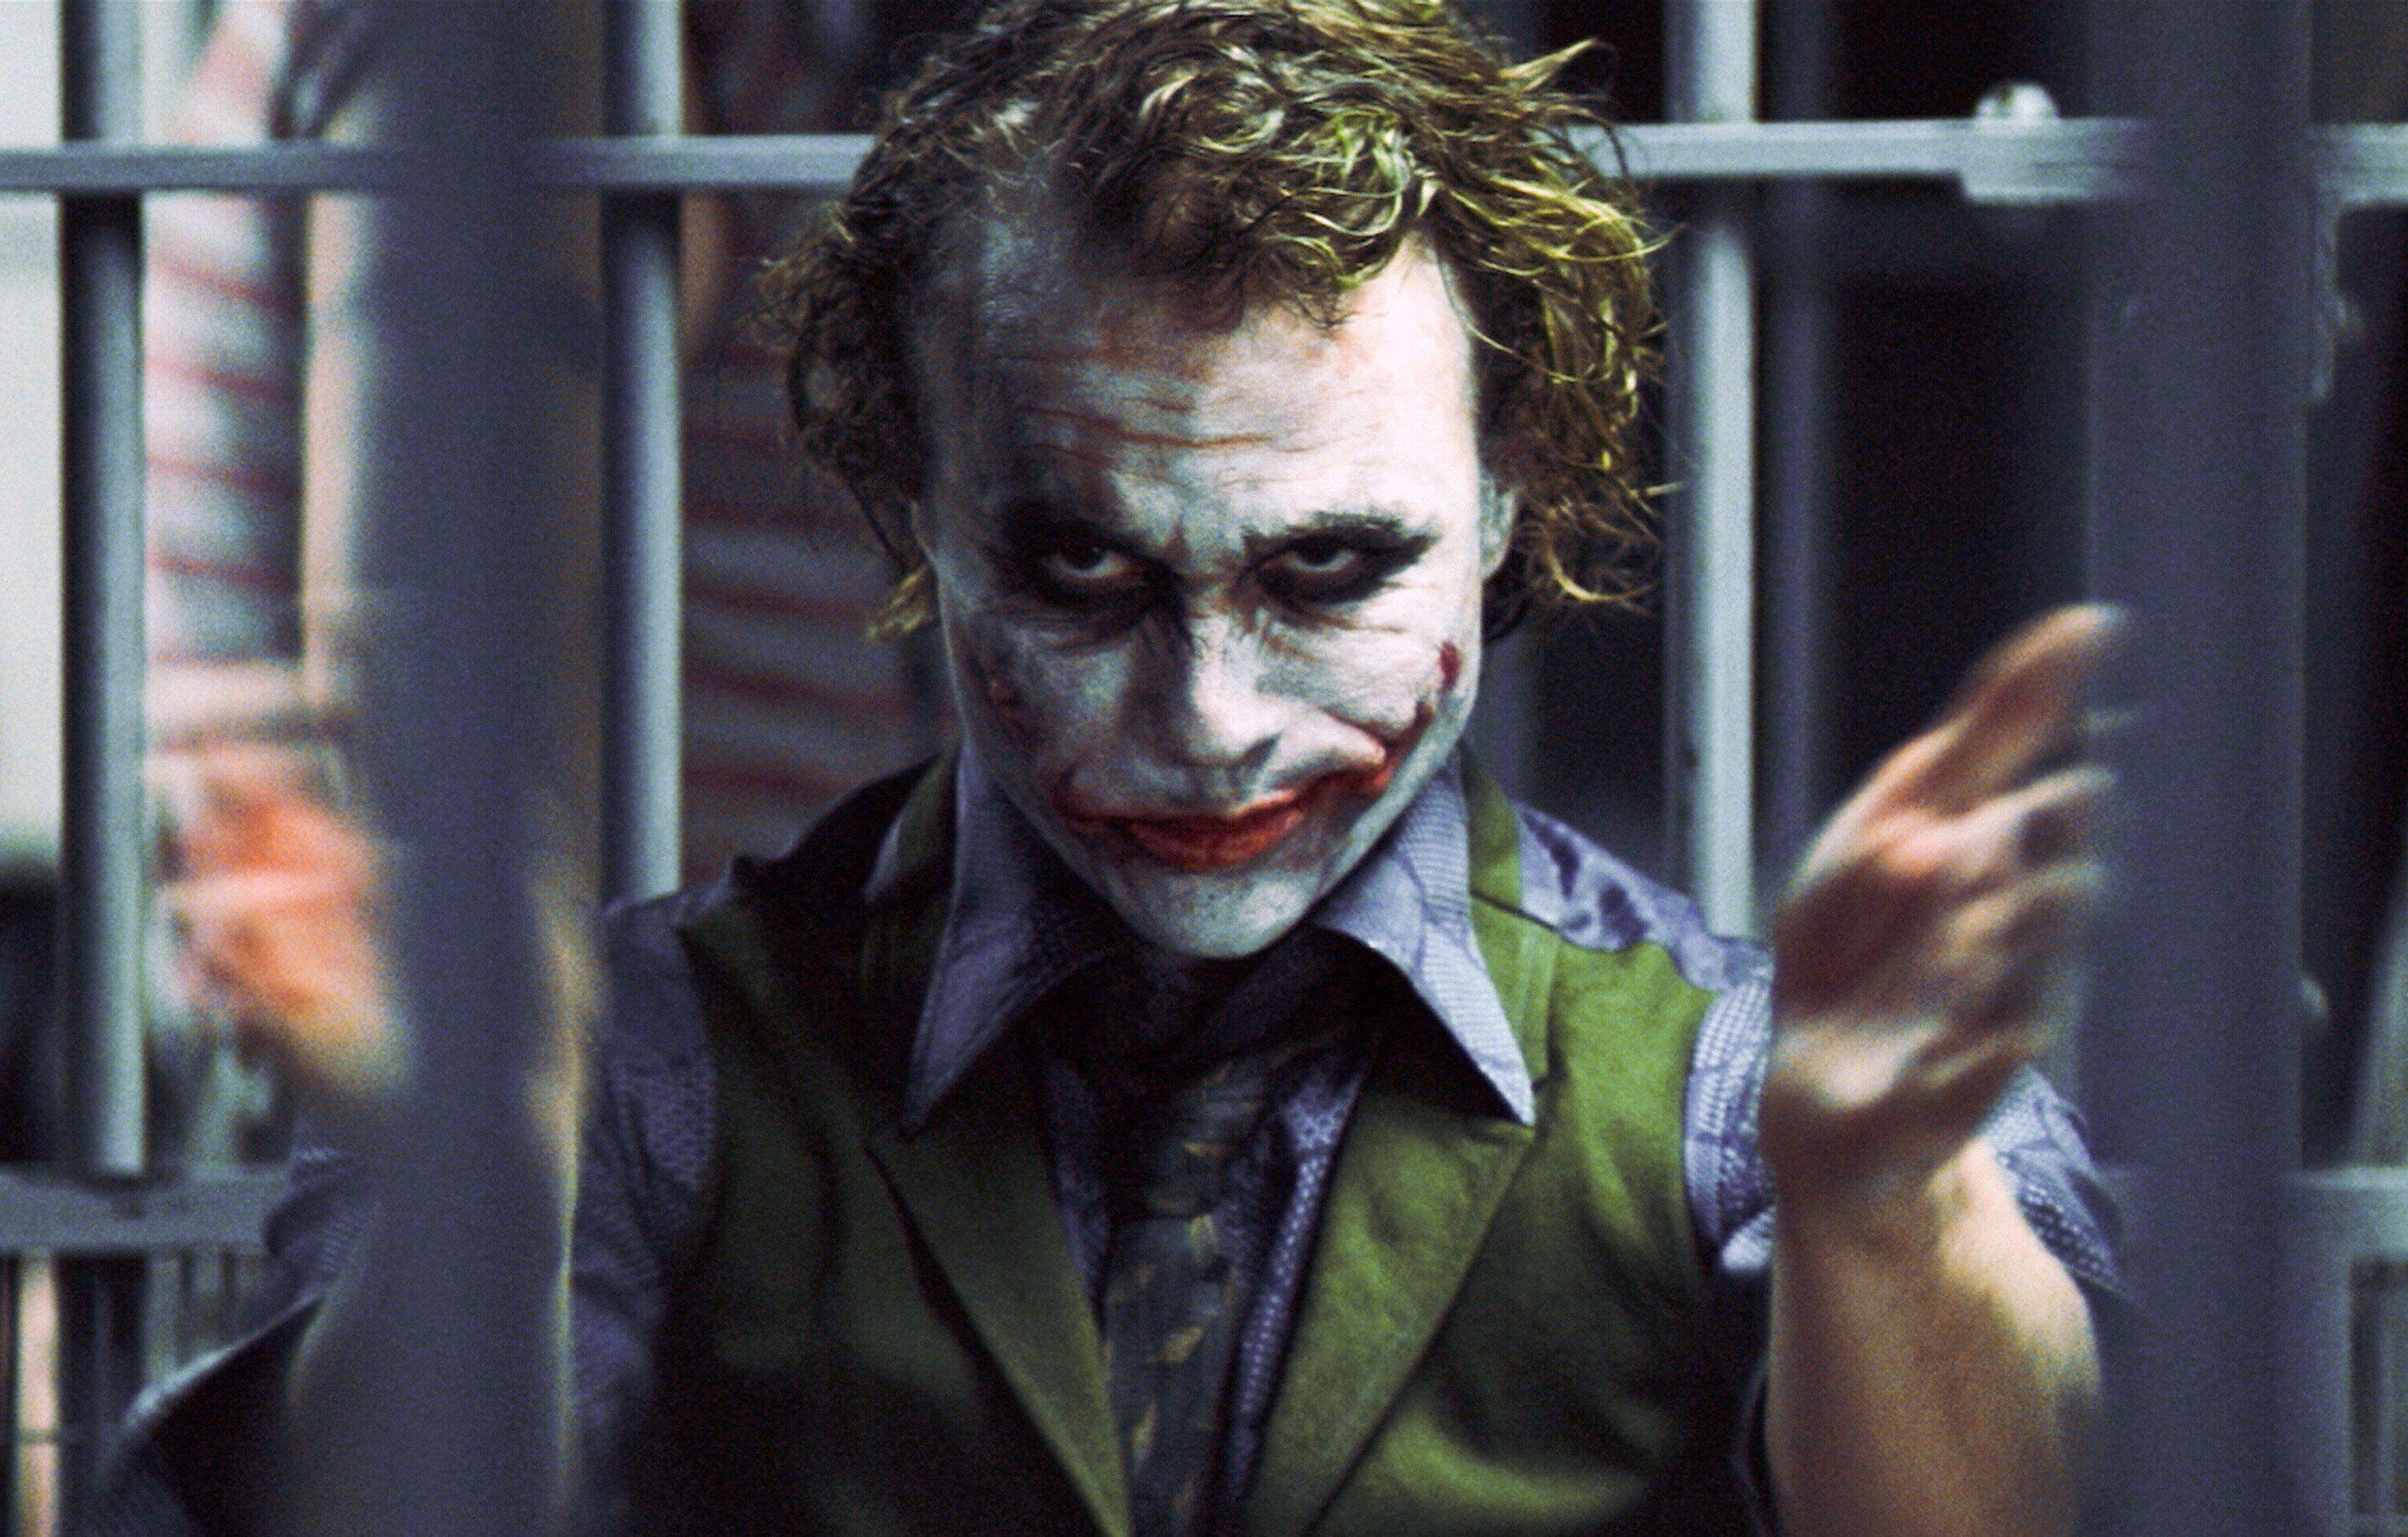 El mejor Joker del cine. A mi parecer, claro...